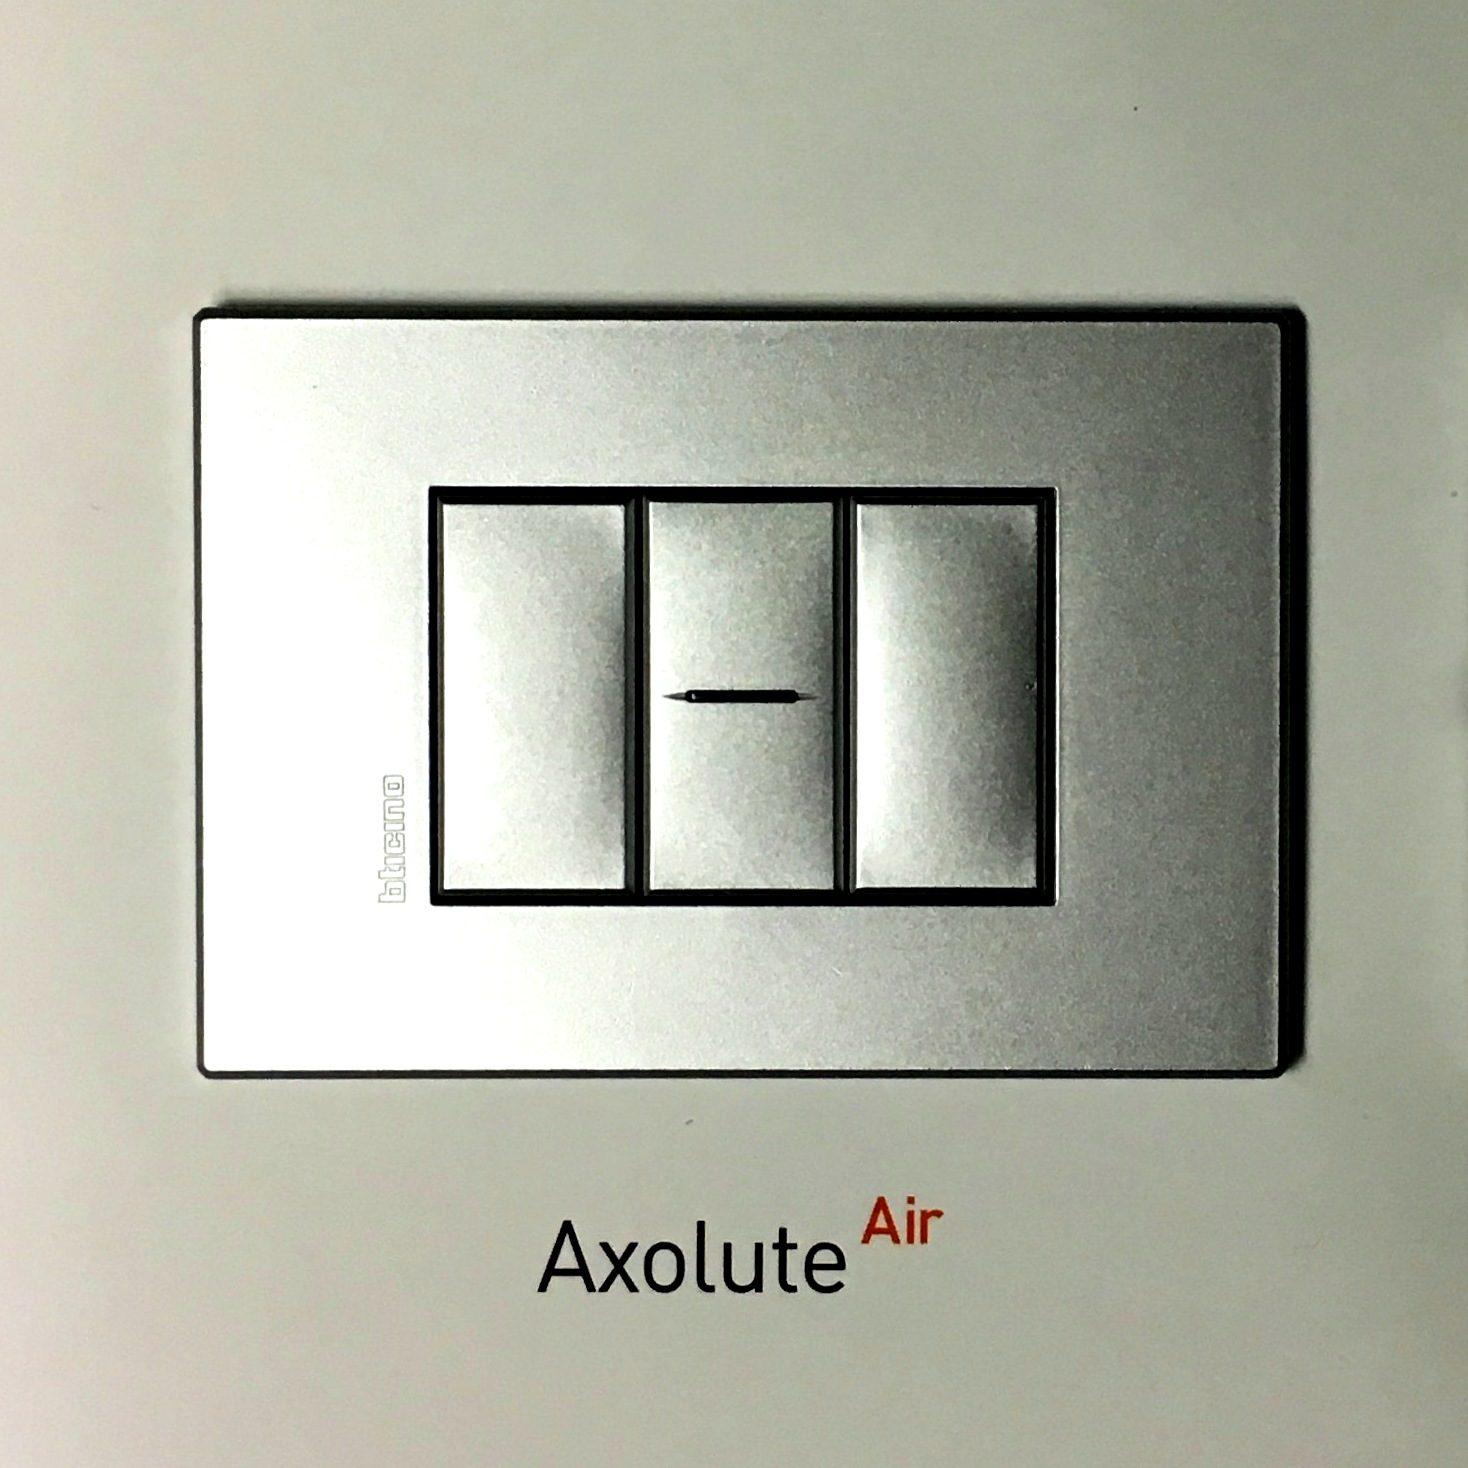 Bticino living axolute air hw4803hc placca 3 posti tech for Bticino living